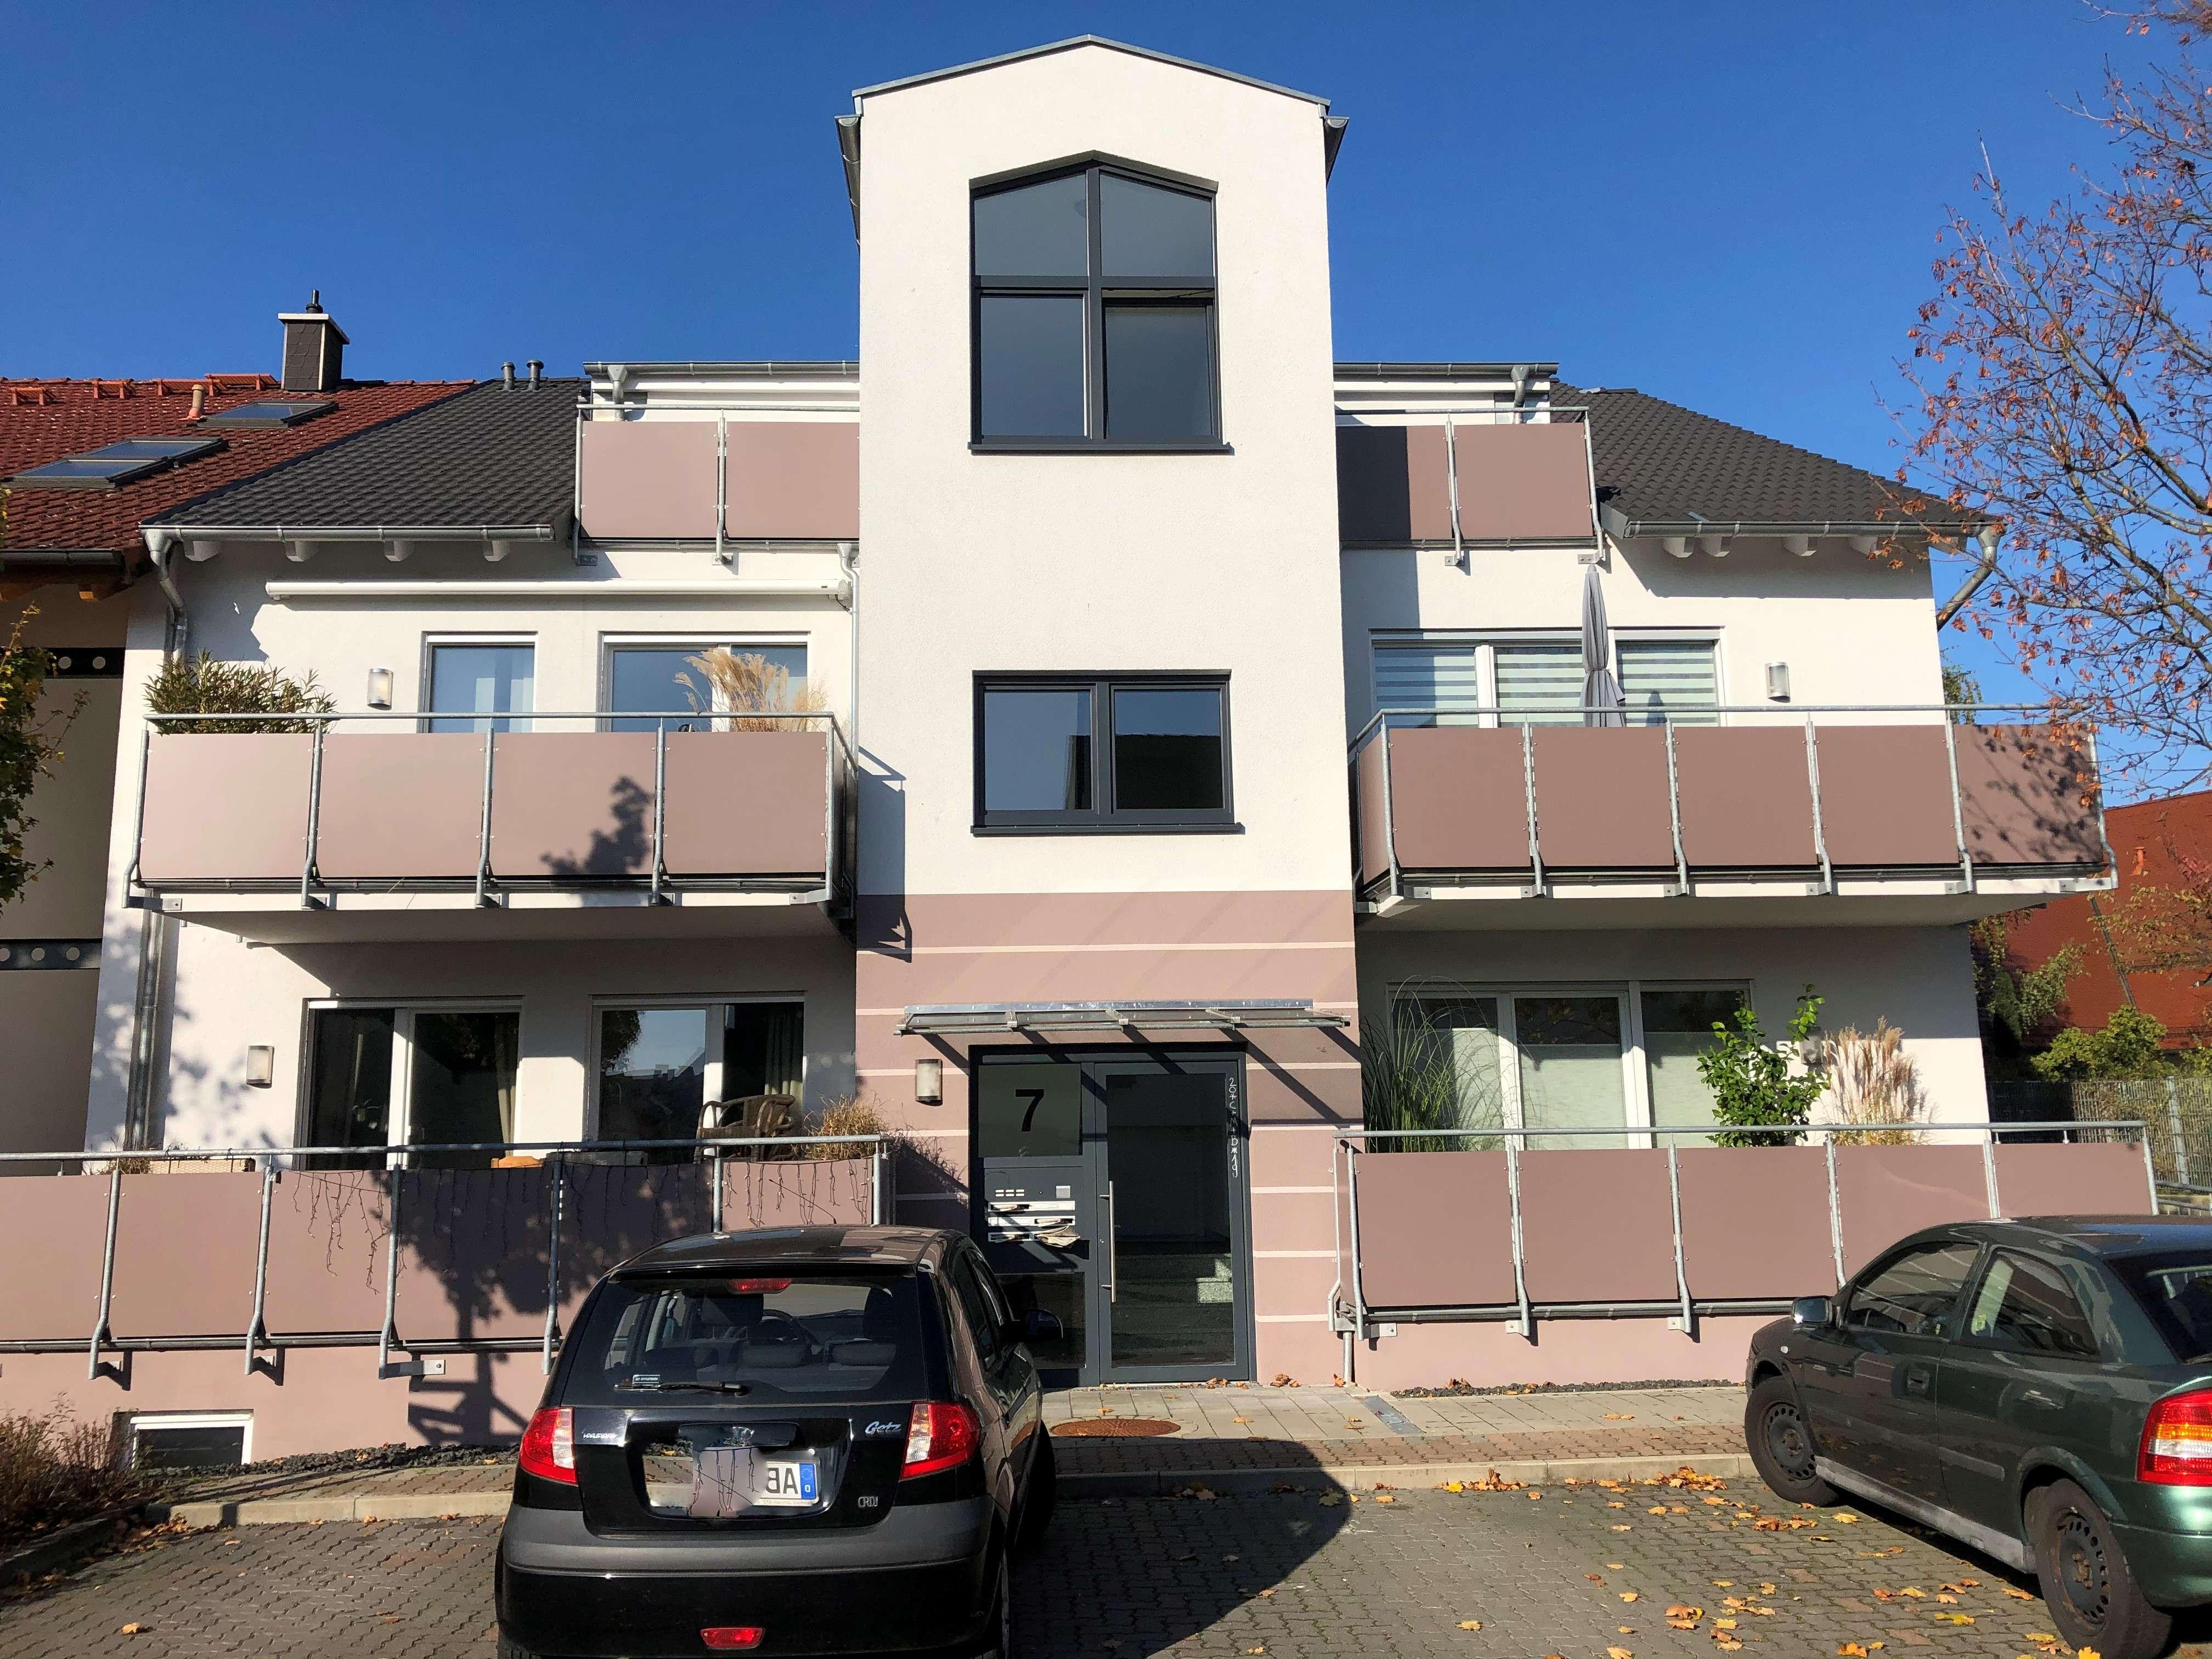 Neuwertige 3-Zimmer-Wohnung mit Balkon und EBK in bevorzugter Lage von Aschaffenburg Nilkheim in Nilkheim (Aschaffenburg)